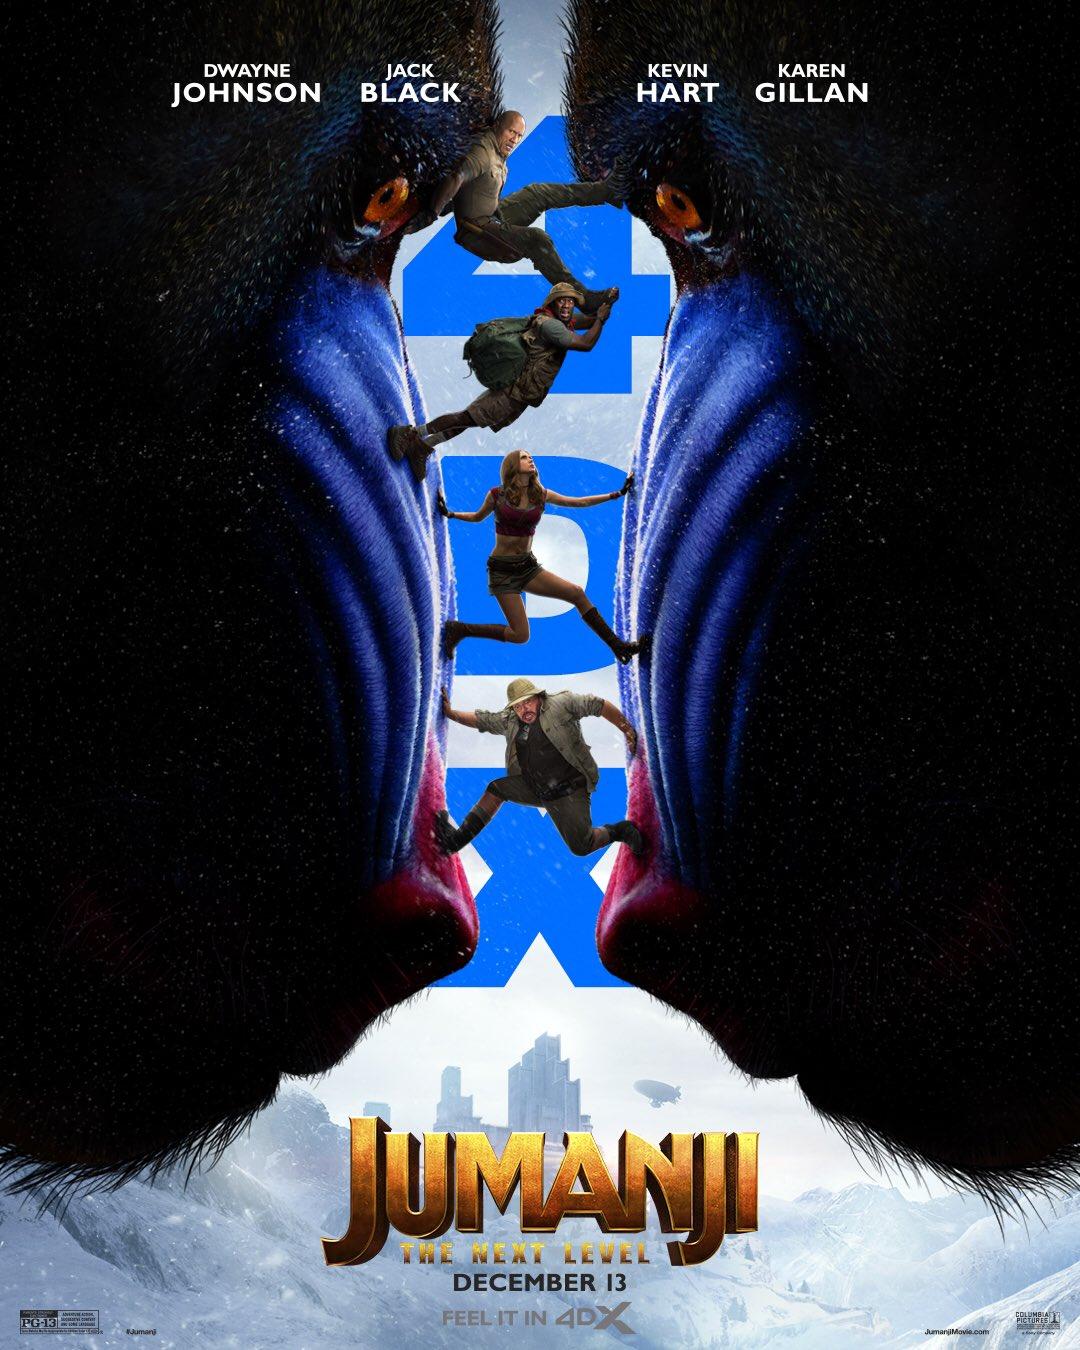 Póster 4DX de Jumanji: The Next Level (2019). Imagen: Jumanji: The Next Level Twitter (@jumanjimovie).